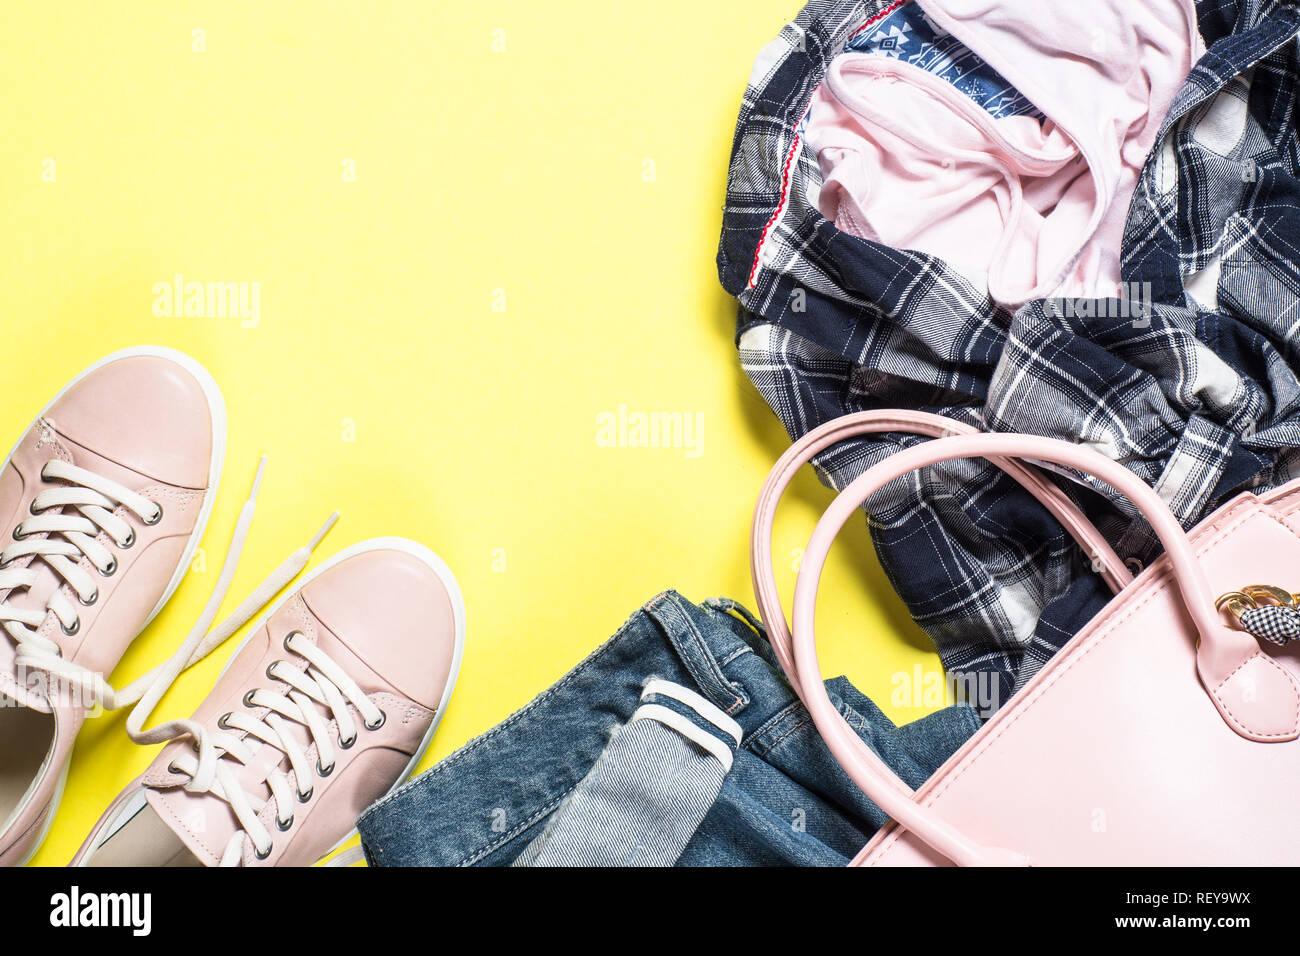 c8699472 Mujer moda set - zapatos de tela rosa, top y jeans sobre fondo amarillo.  Vista superior del espacio de copia.